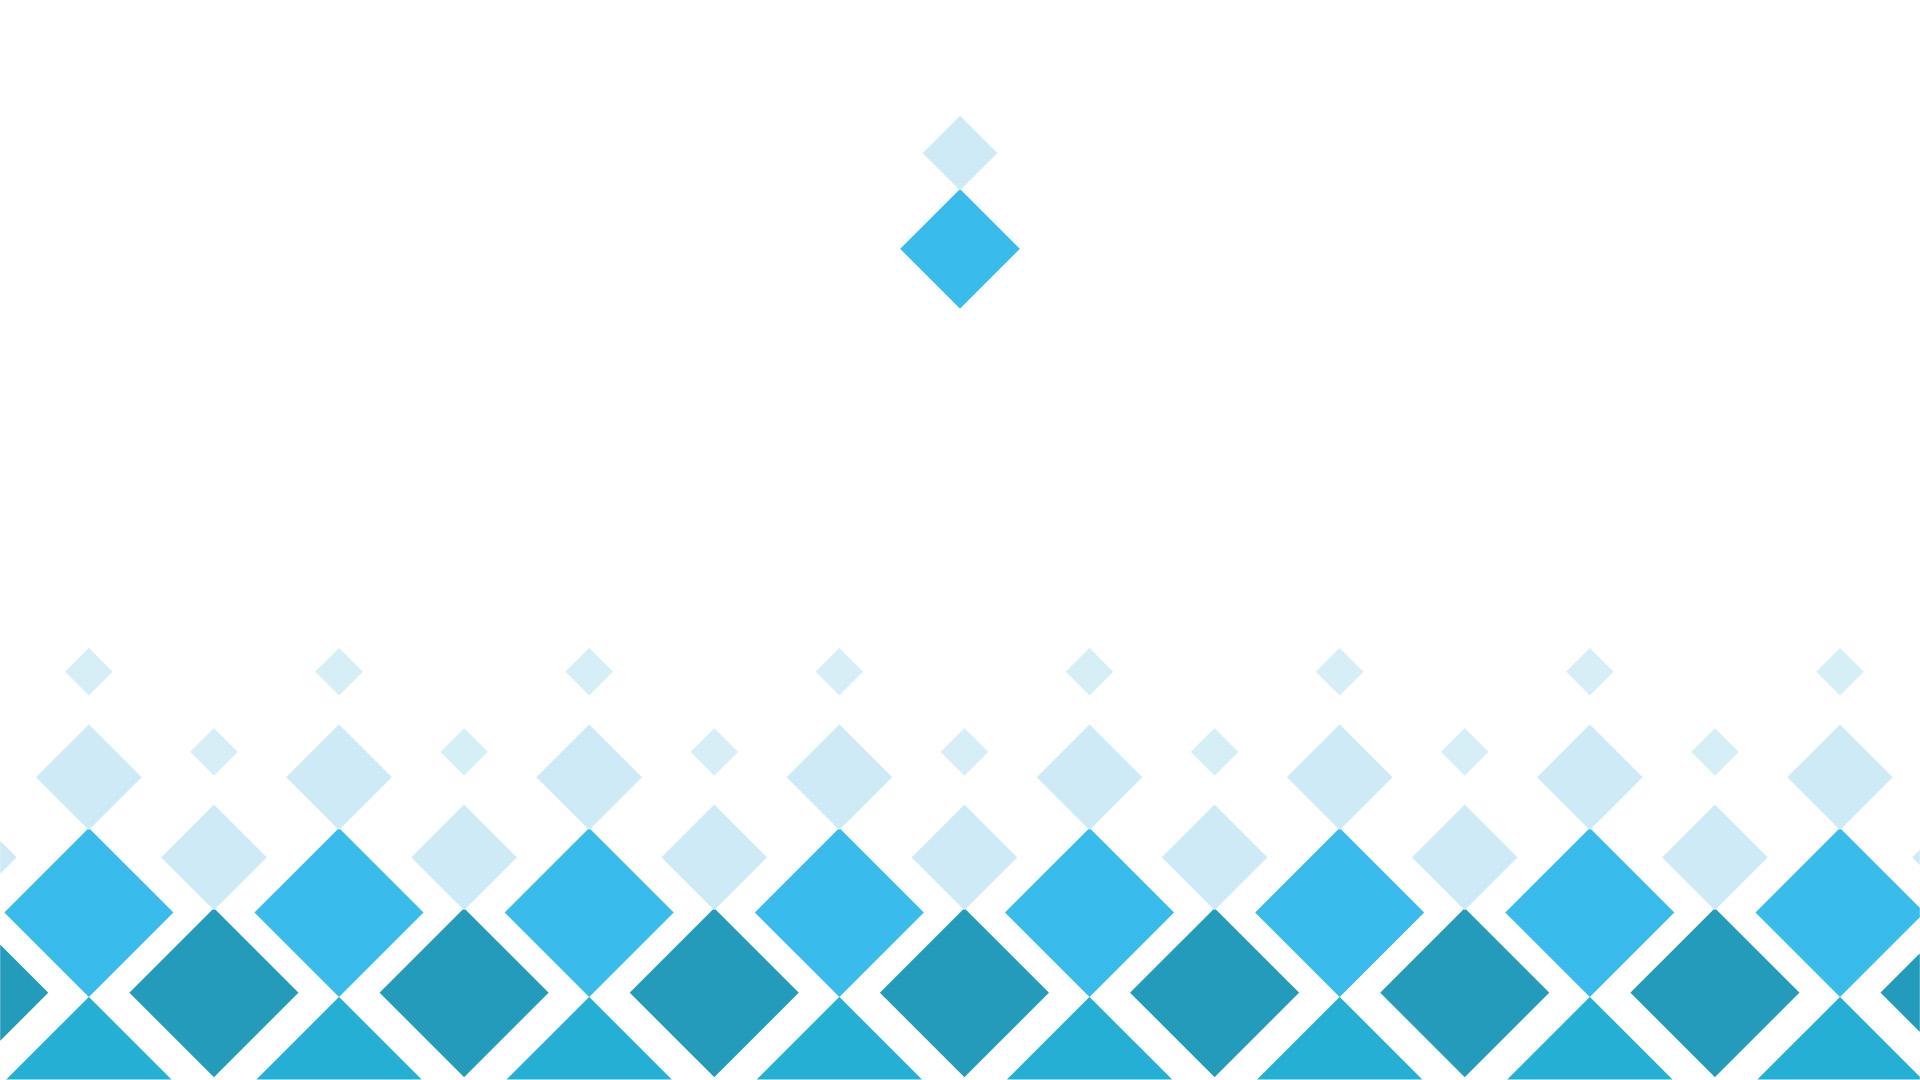 Hình nền Powerpoint sáng xanh cực chất 1